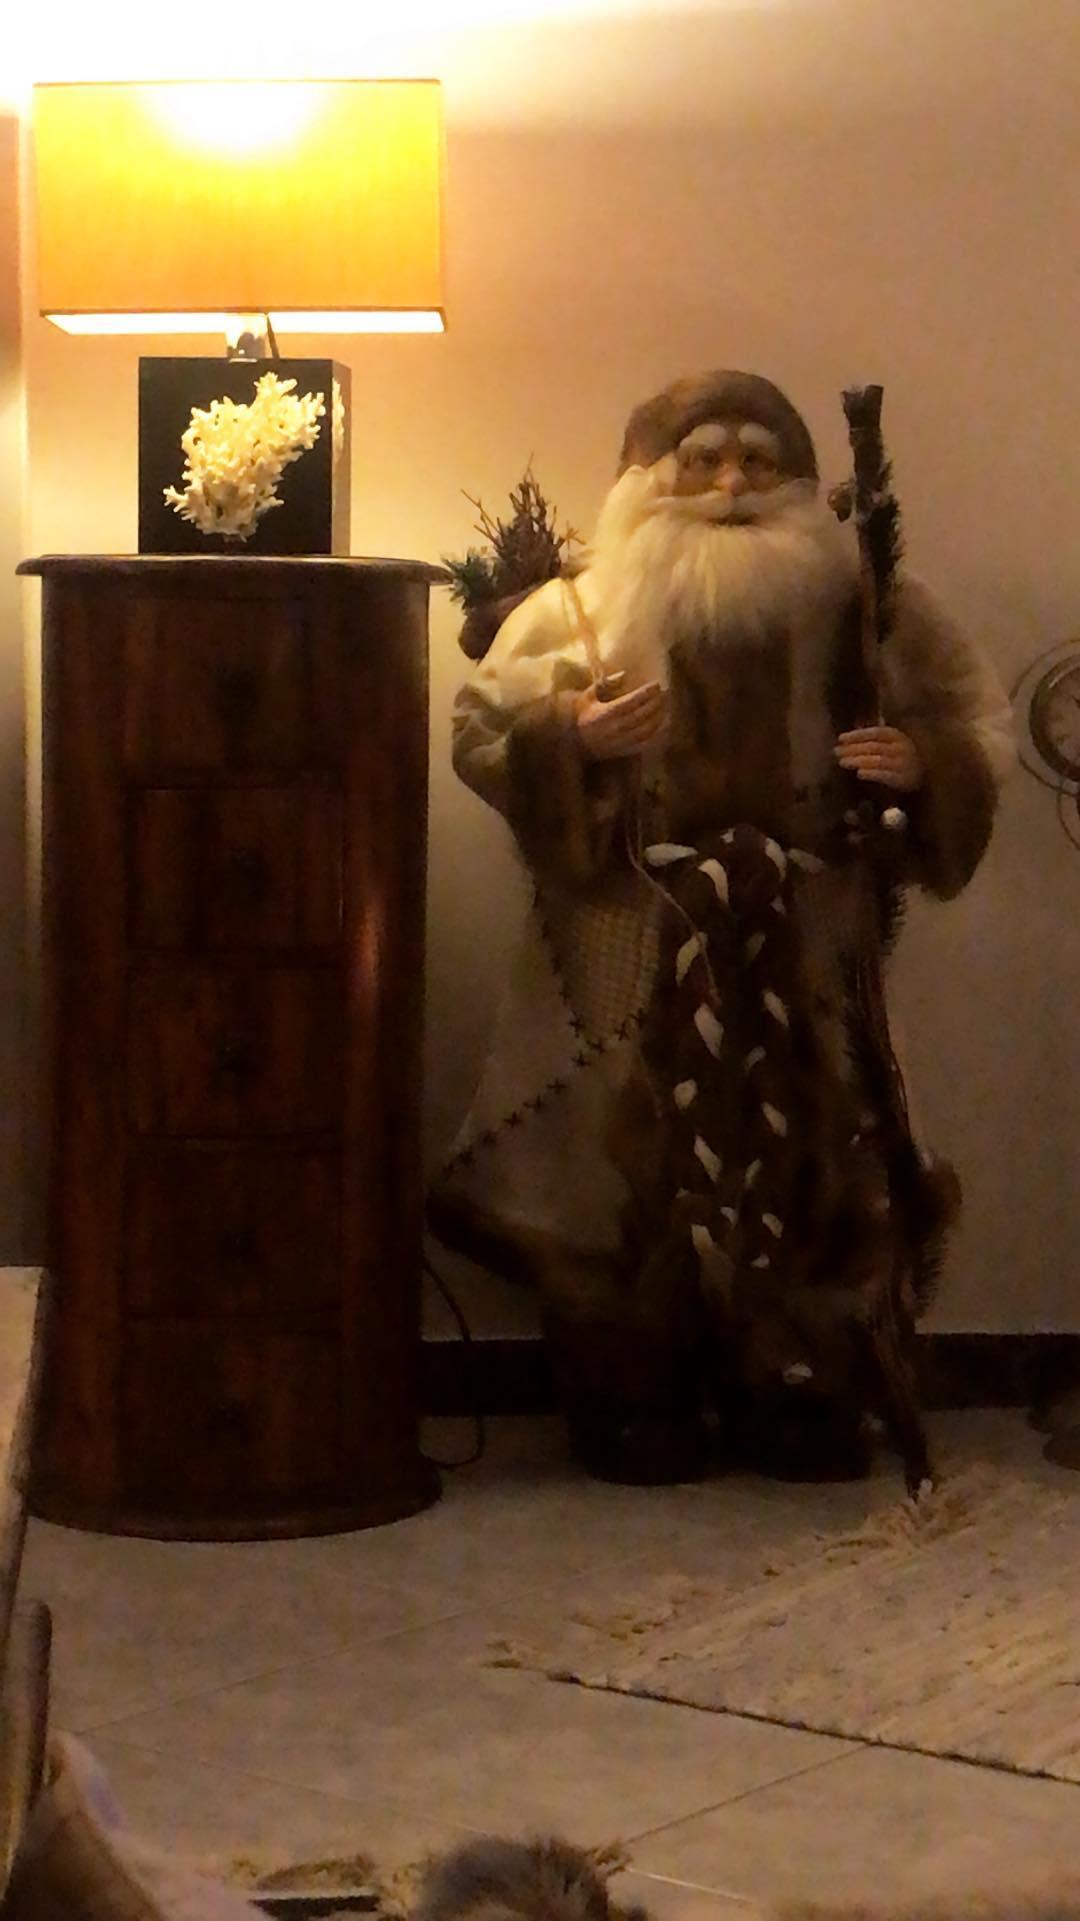 Μάγδα Τσέγκου: Μας δείχνει το στολισμένο, χριστουγεννιάτικο σαλόνι της! (εικόνες)